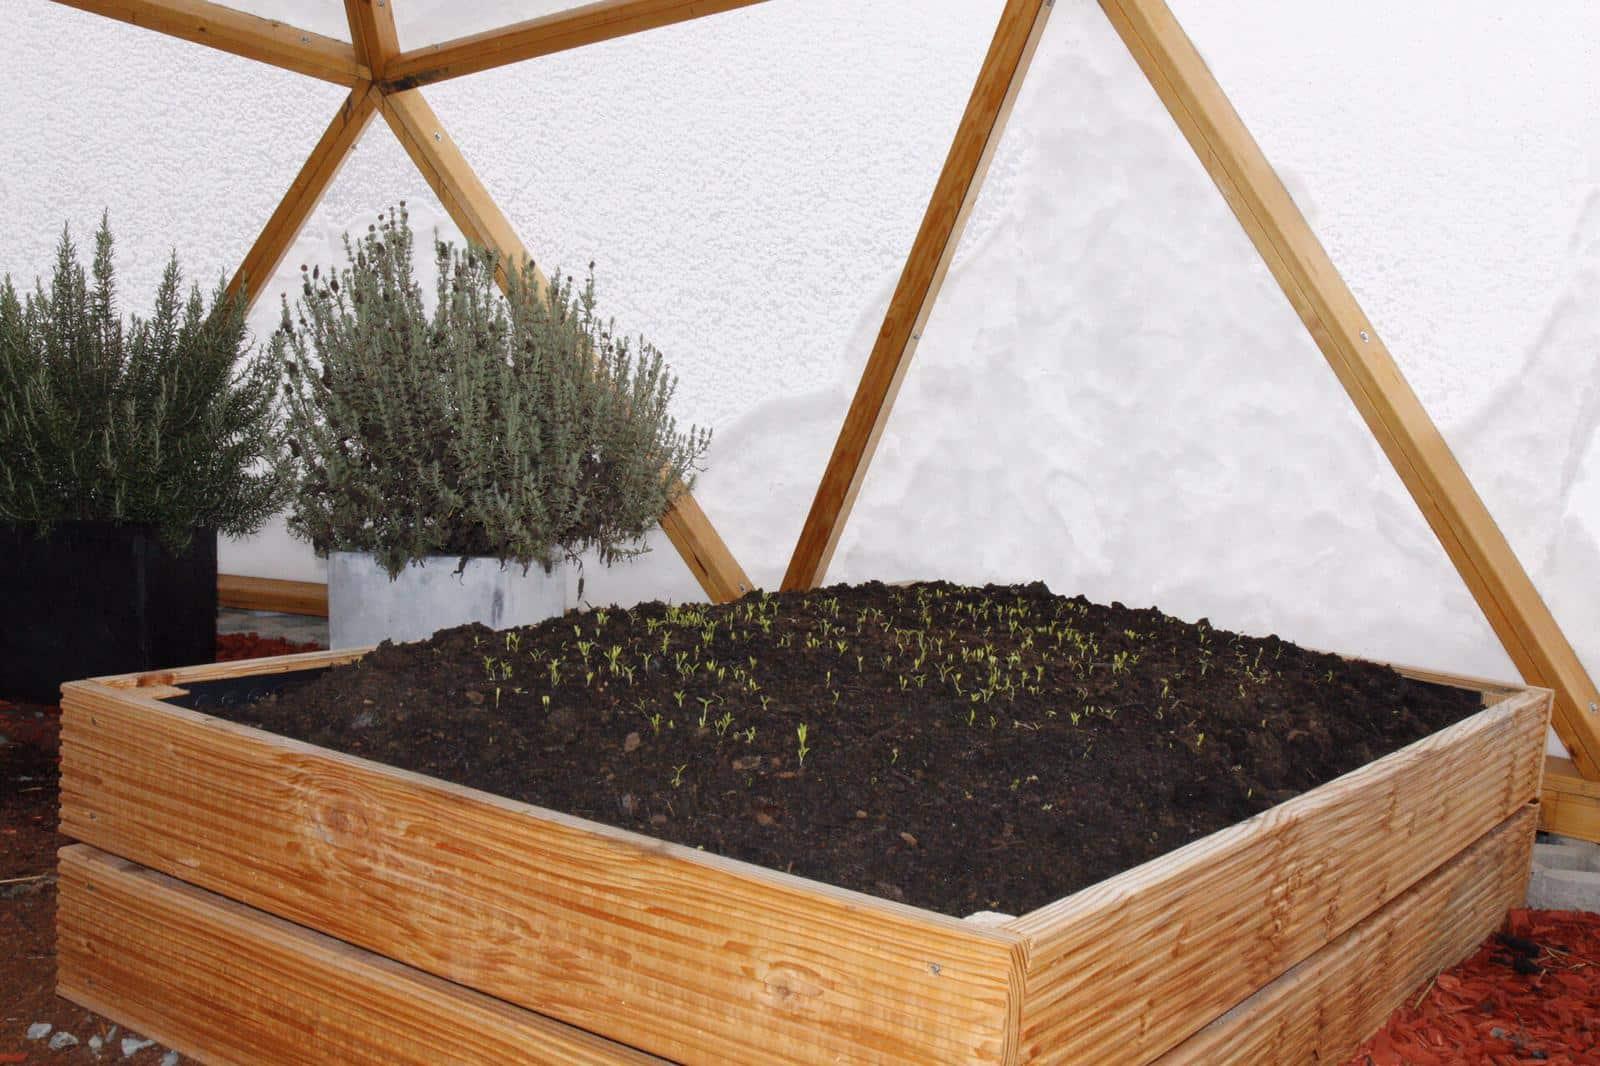 Erfahrungsbericht - FUTURUM DOMES Bausatz Constans (Teil 4) - Greendome koriander winter